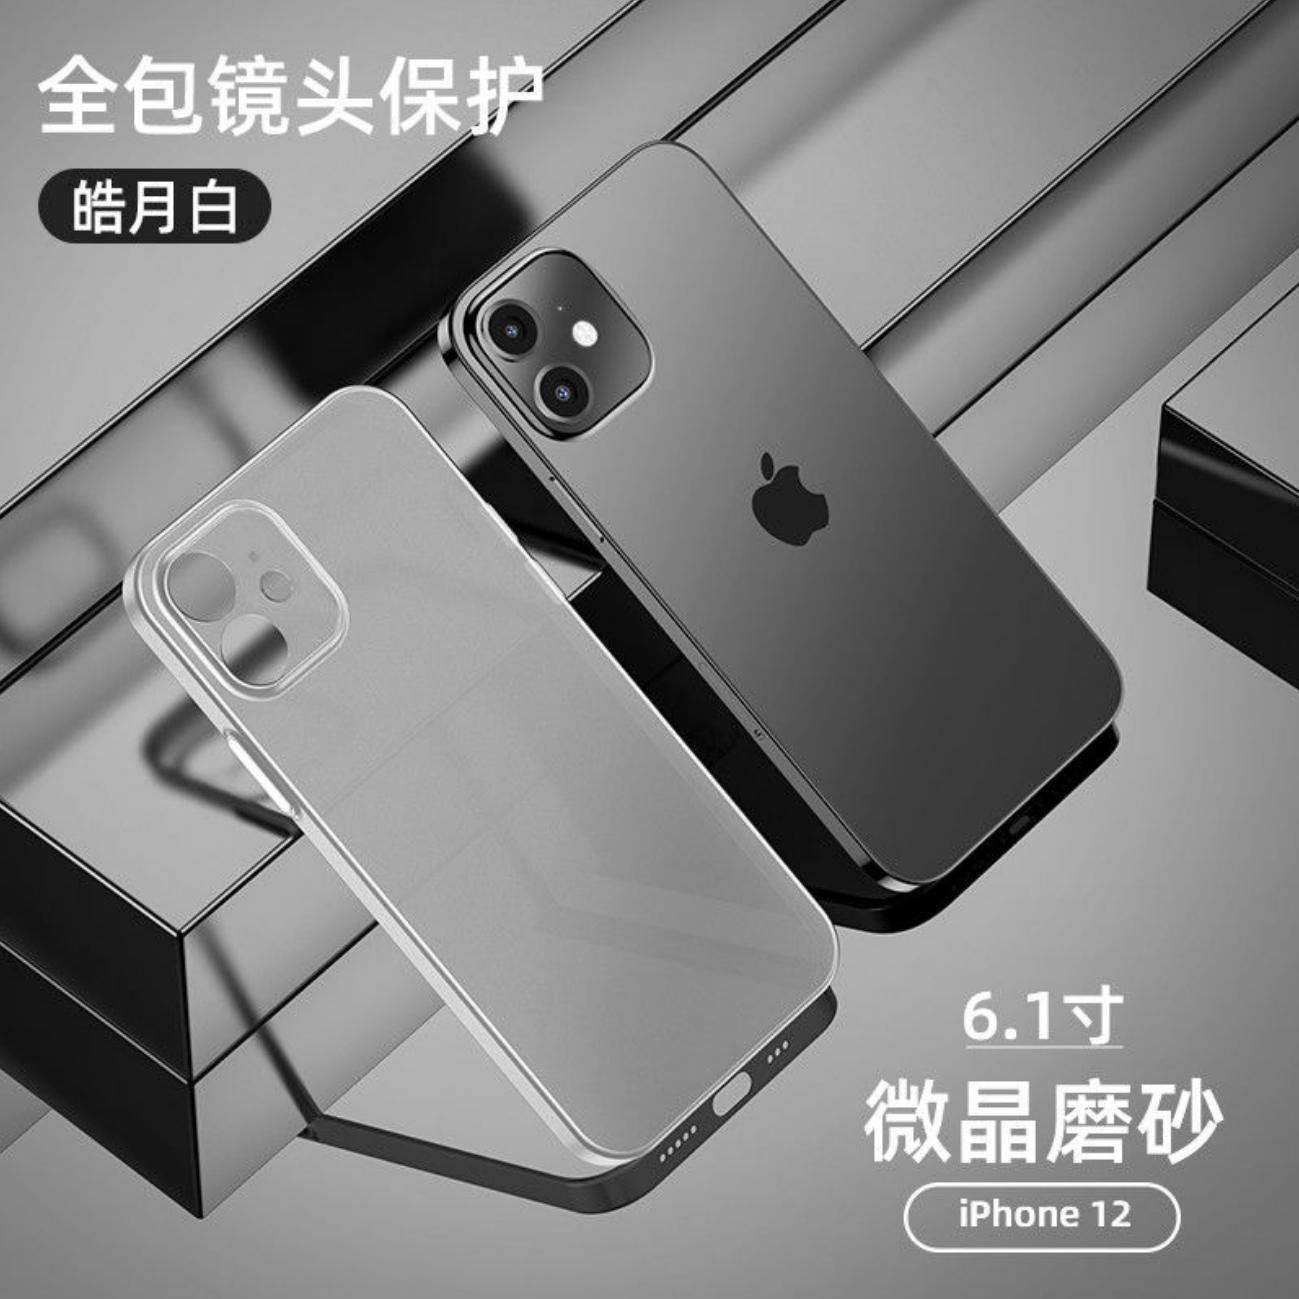 PISEN 品胜 苹果12 超薄磨砂手机壳